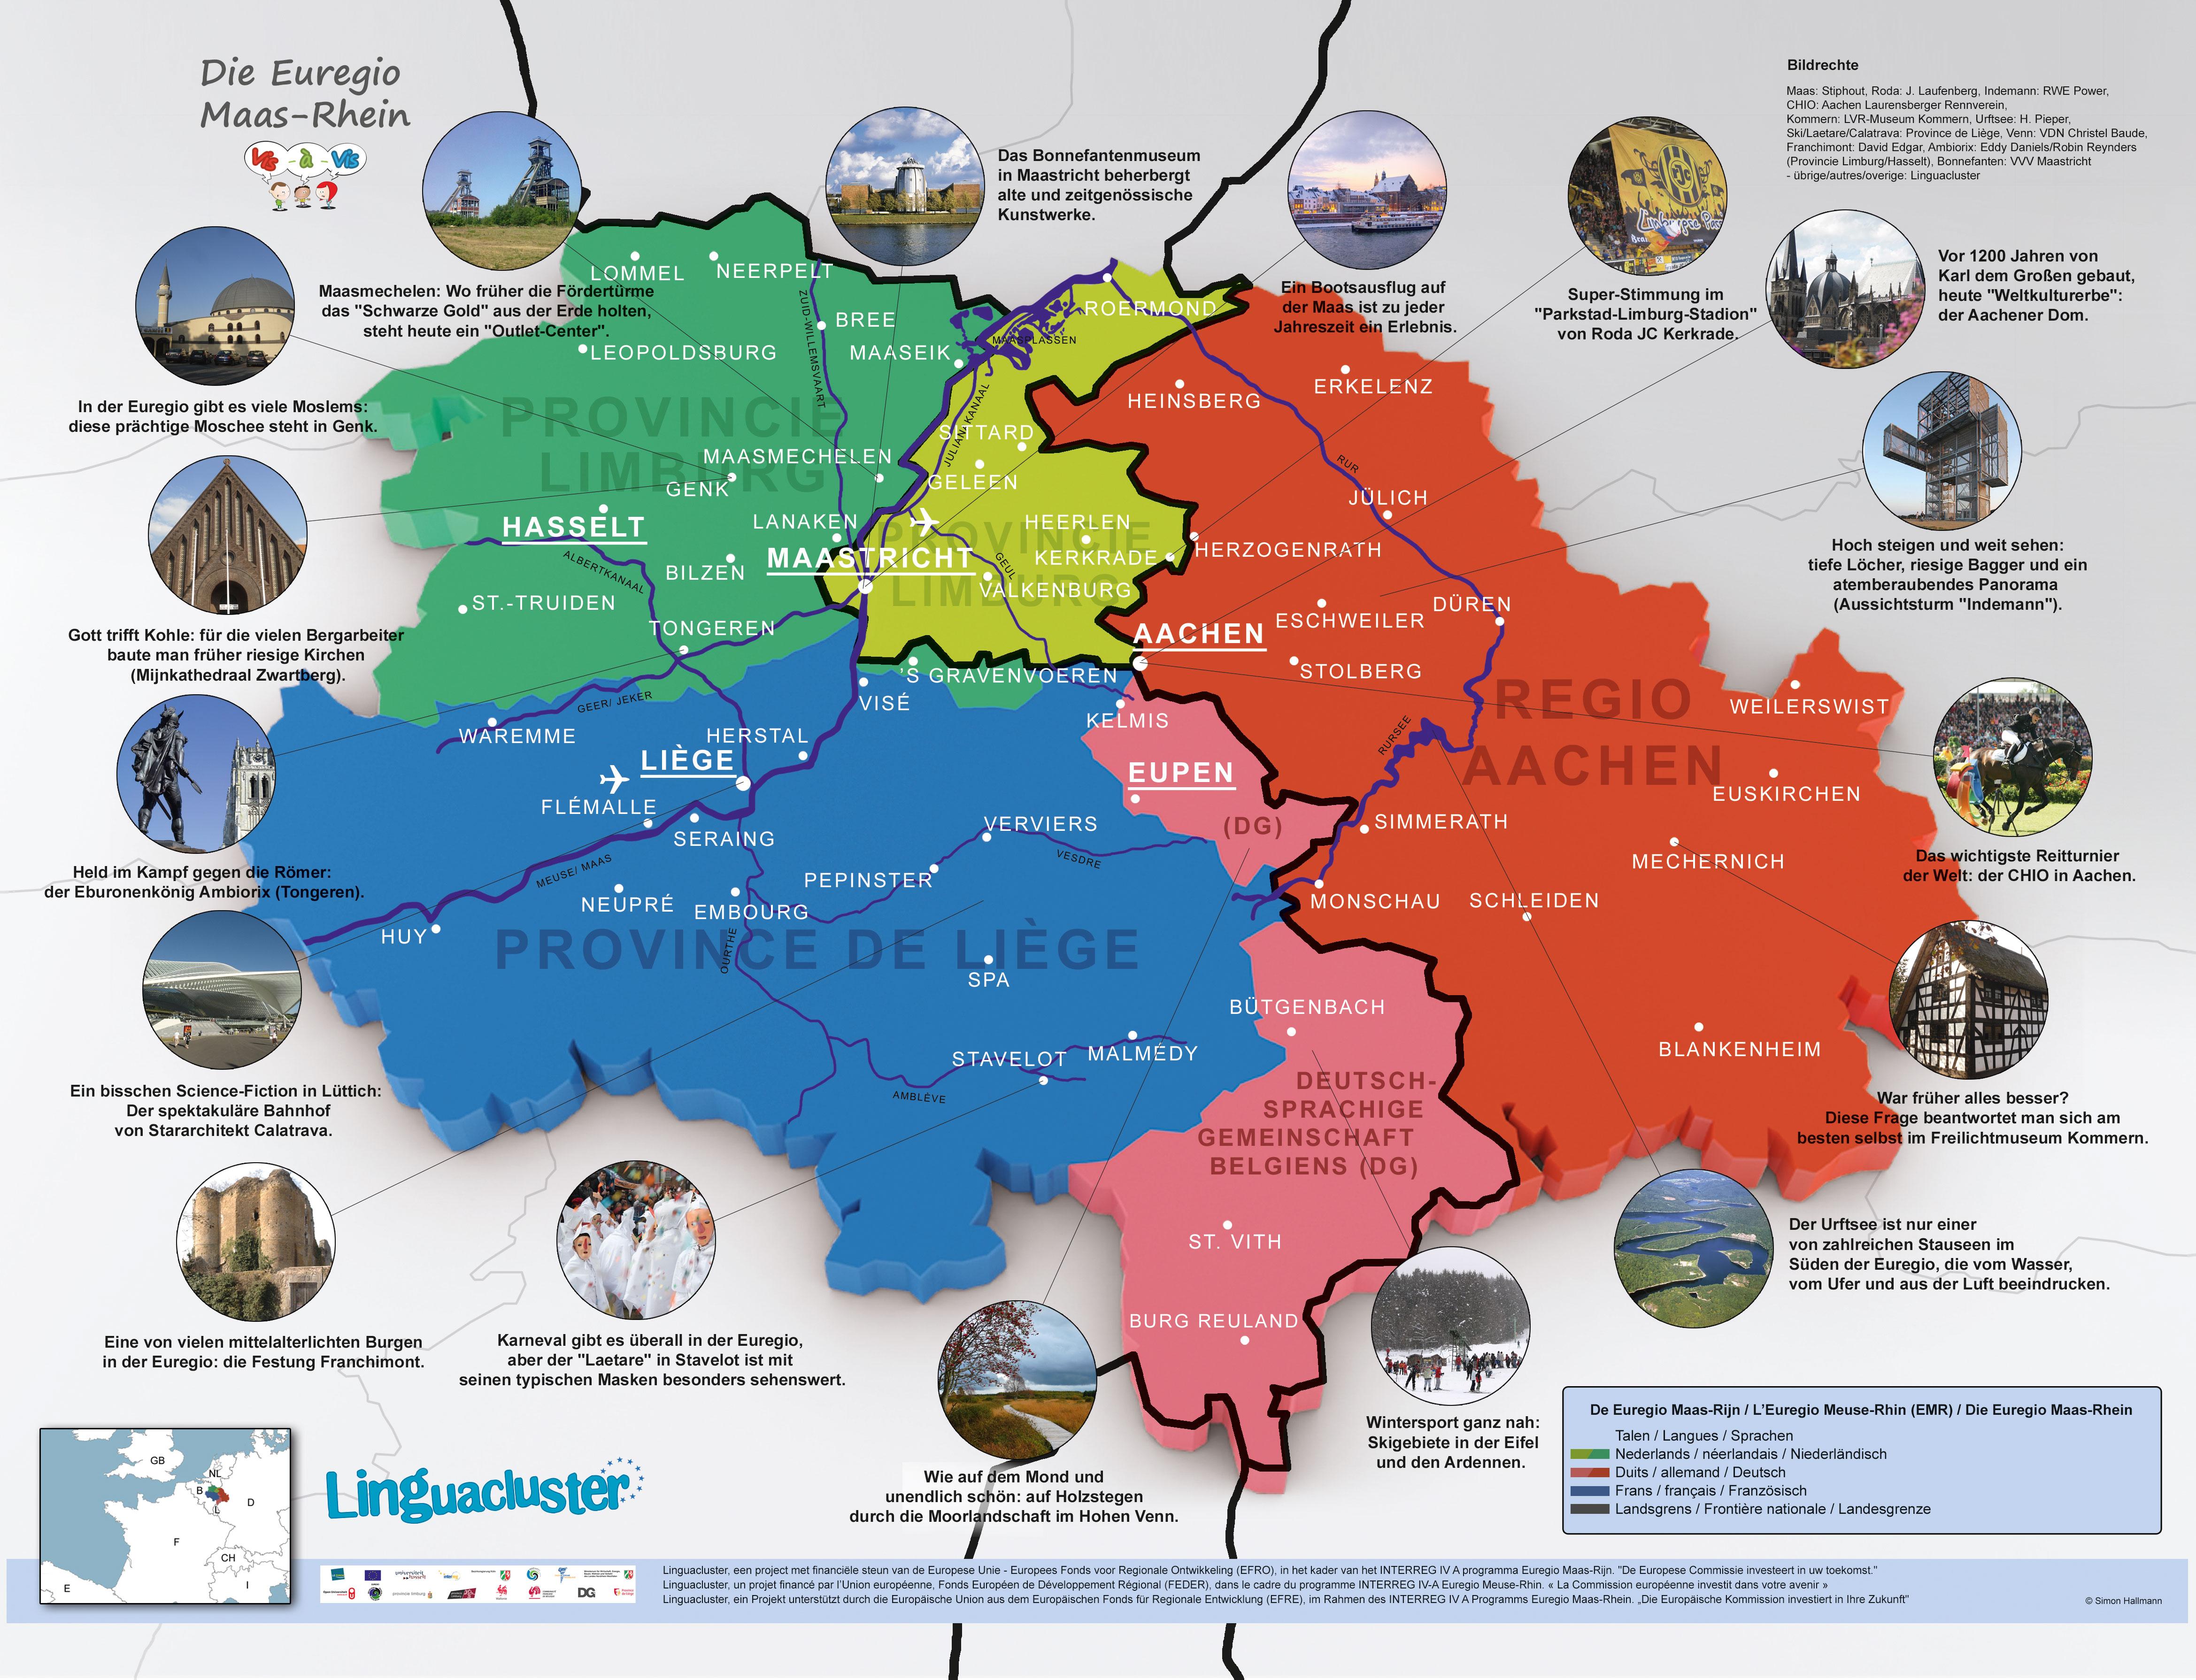 Karte der Euregio